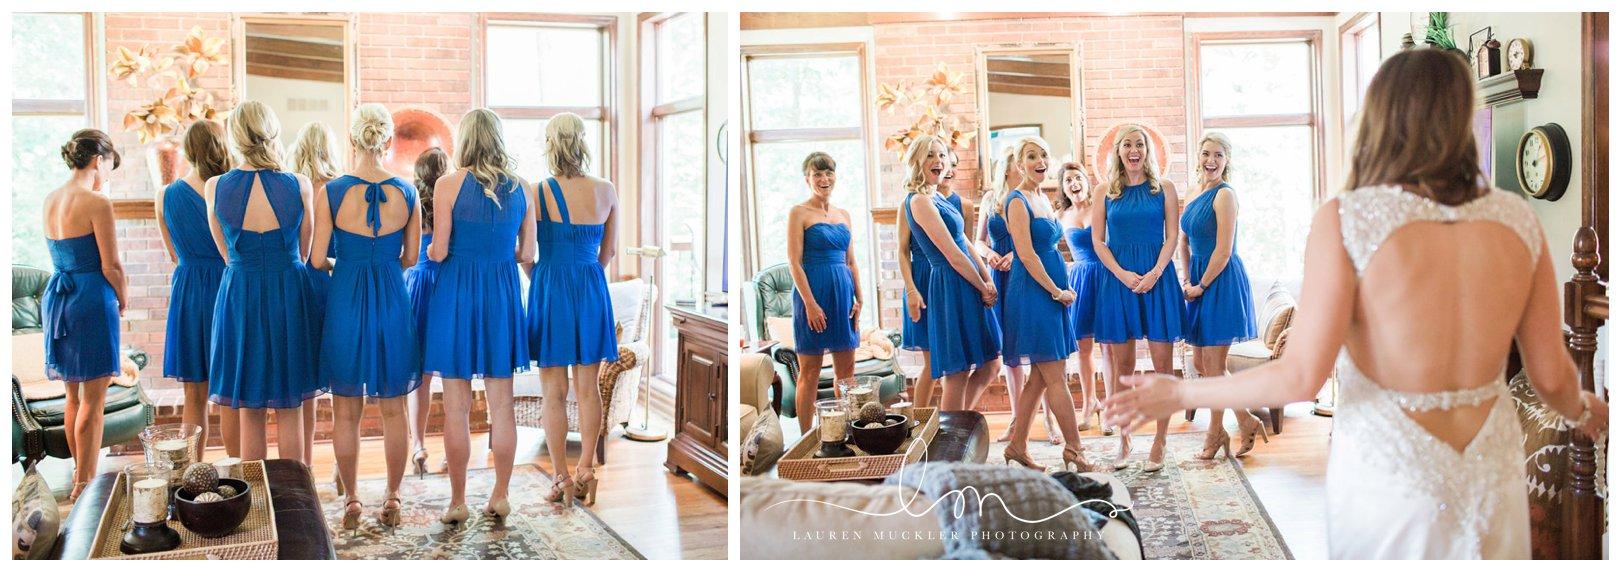 lauren muckler photography_fine art film wedding photography_st louis_photography_0212.jpg